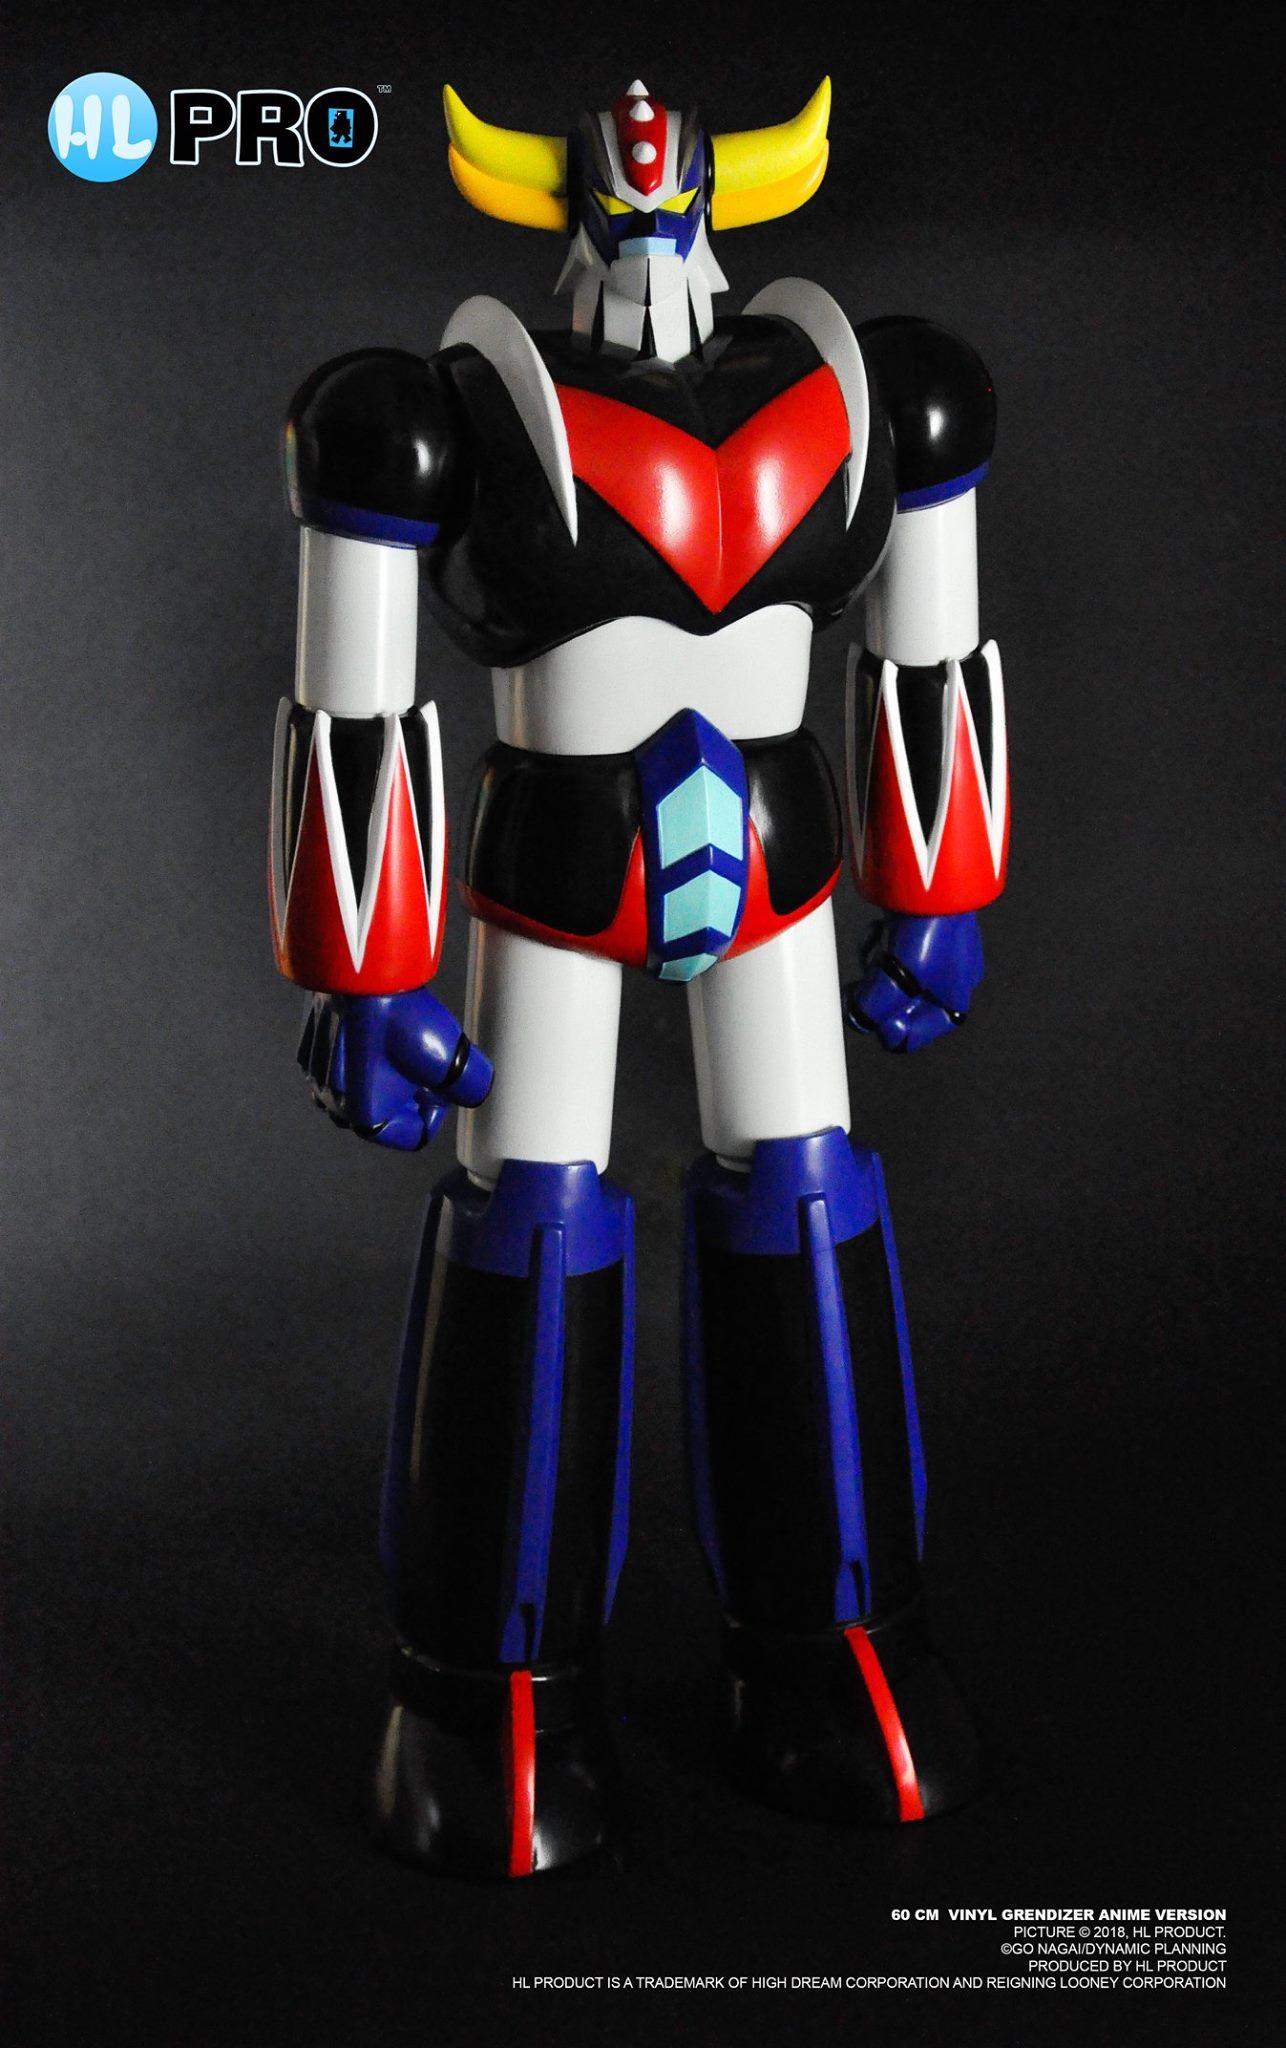 UFO Robot Grendizer Vinyl Figure di HL PRO: 60 cm di altezza e quattro snodi articolati per una migliore posabilità.